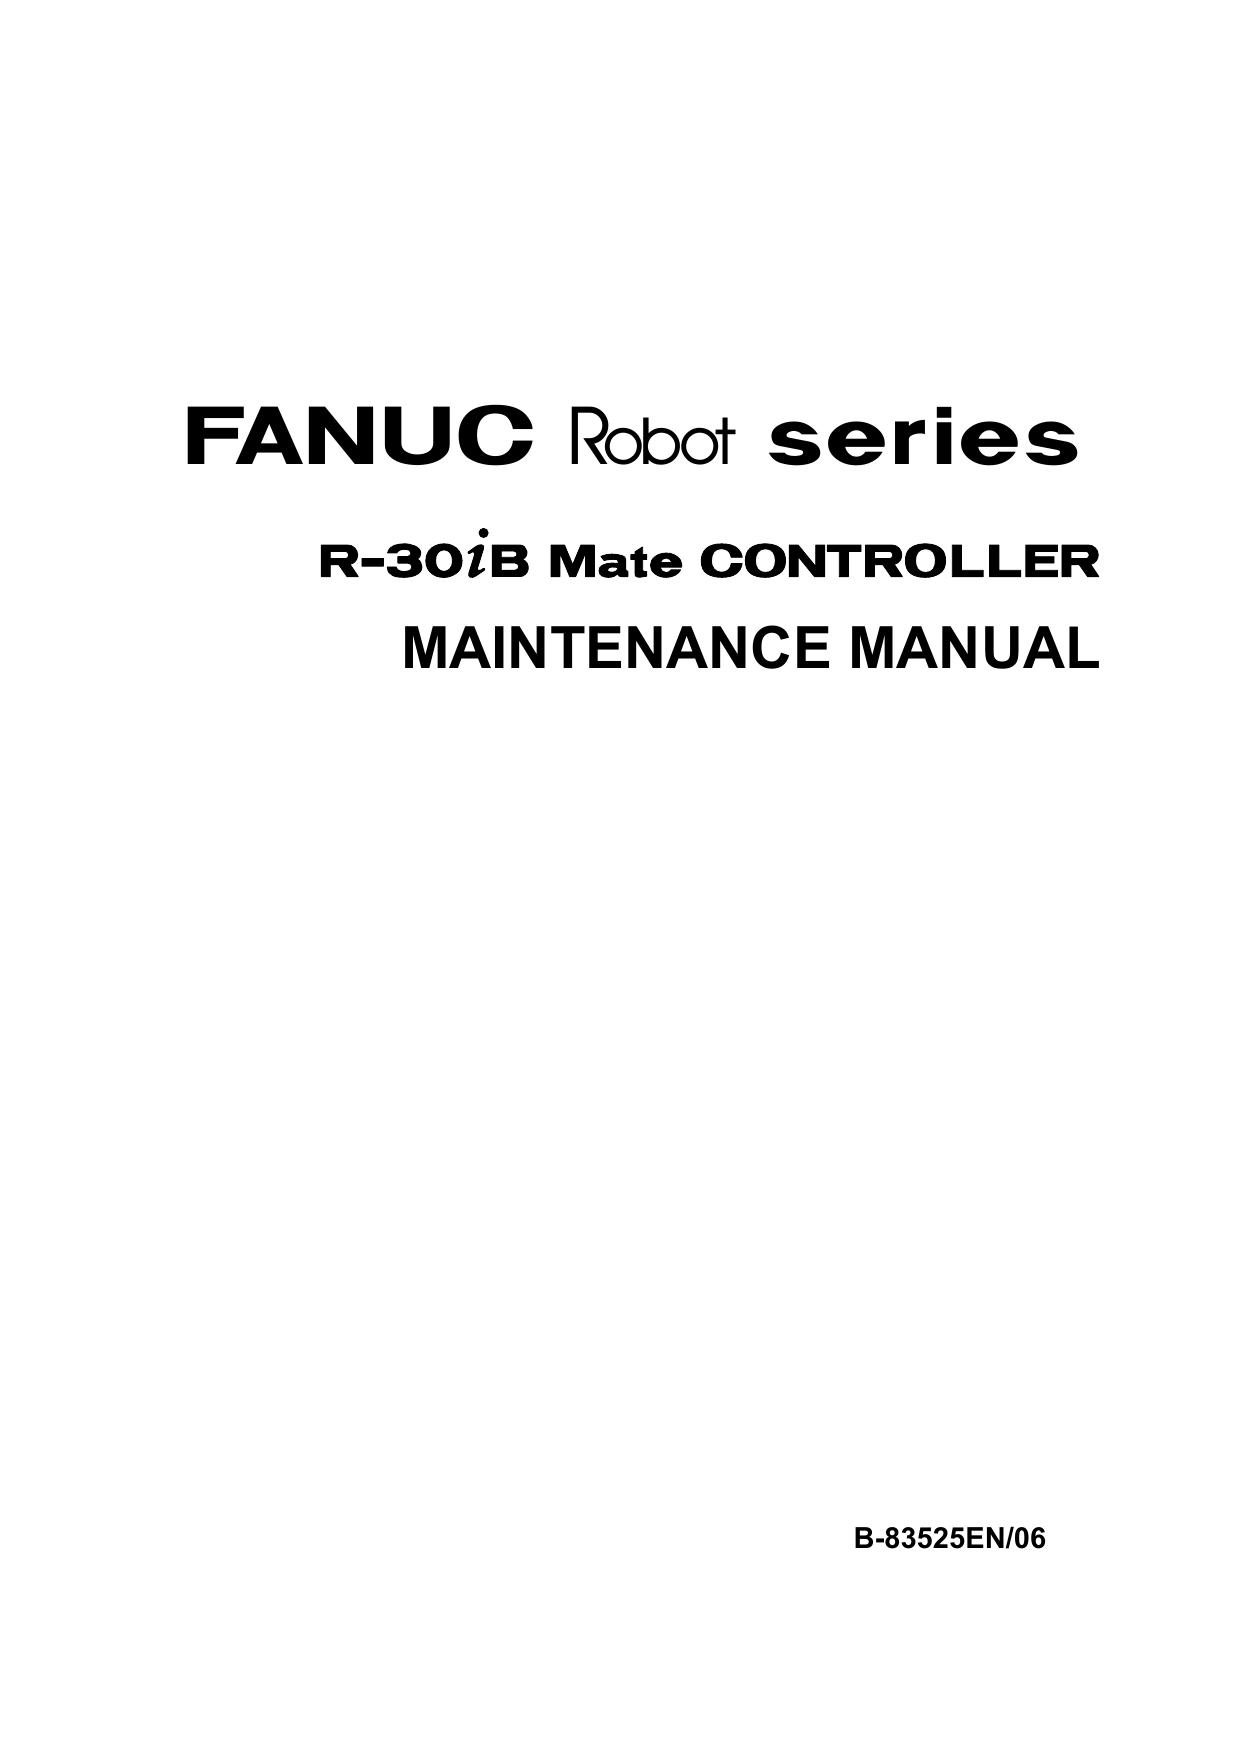 manual for checkmate 3 model rt-u46cs